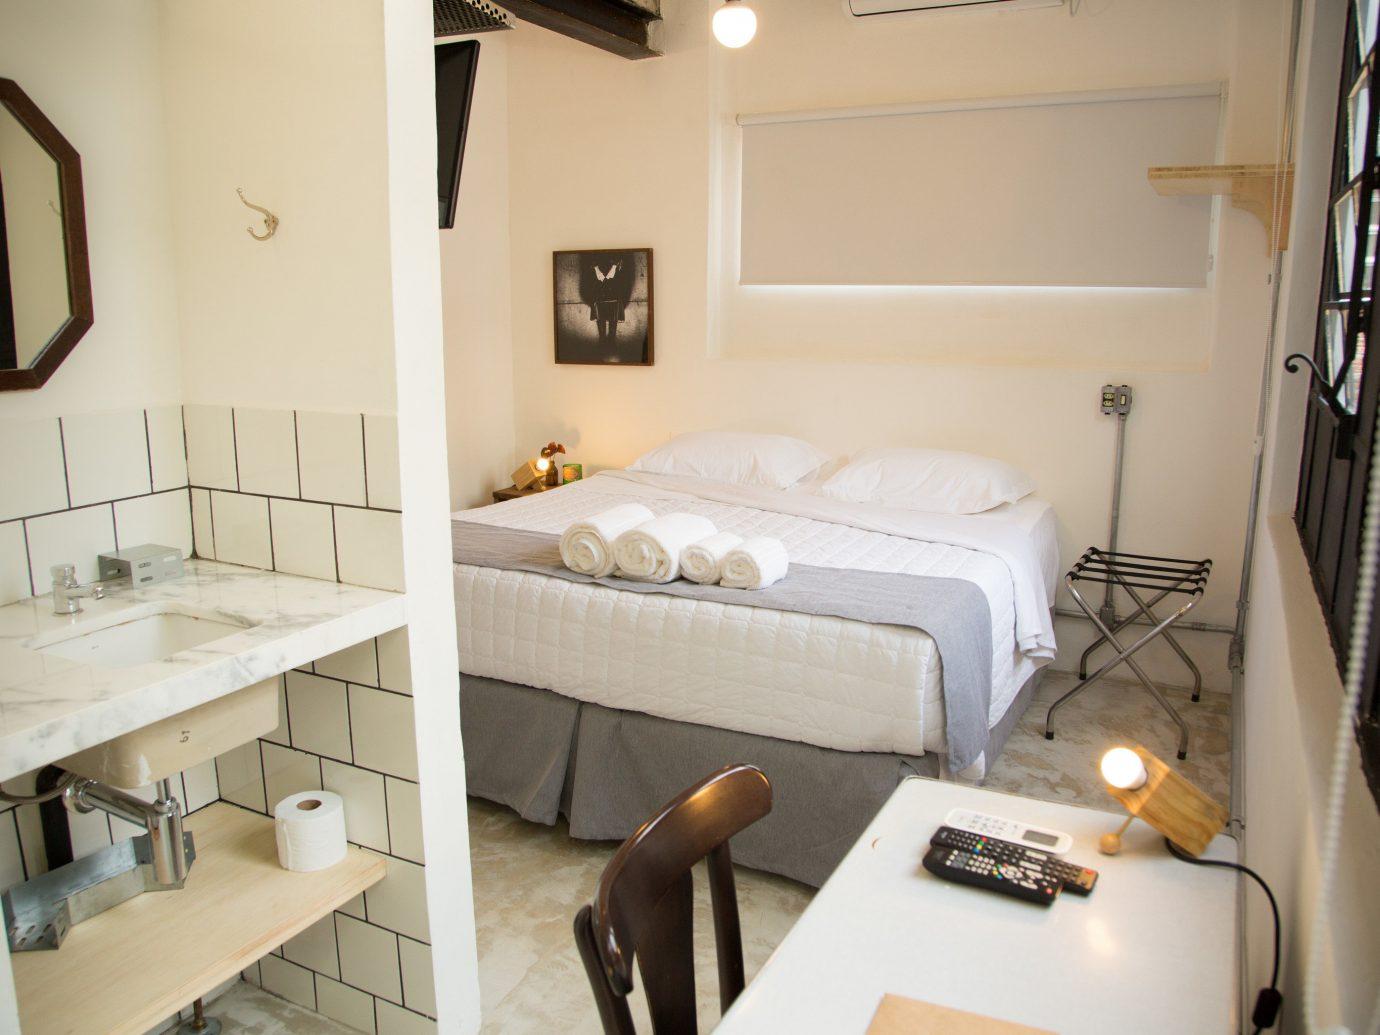 Hotels indoor wall floor bathroom room sink furniture interior design Suite bed